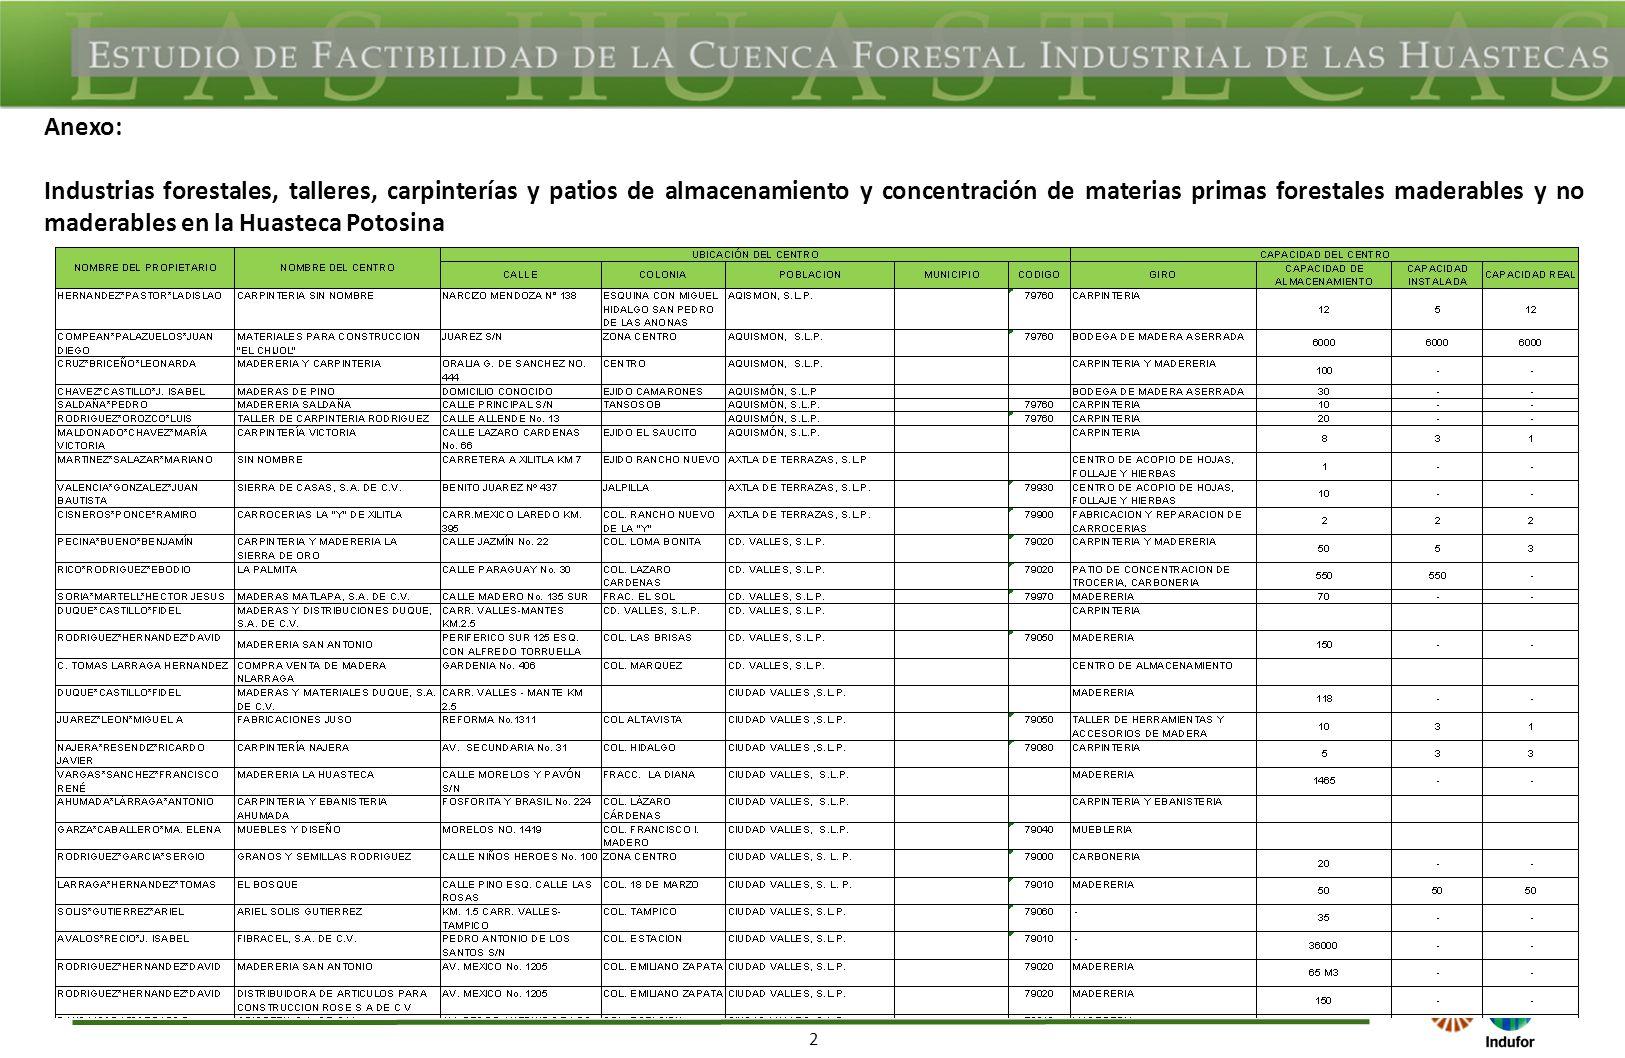 2 Anexo: Industrias forestales, talleres, carpinterías y patios de almacenamiento y concentración de materias primas forestales maderables y no maderables en la Huasteca Potosina